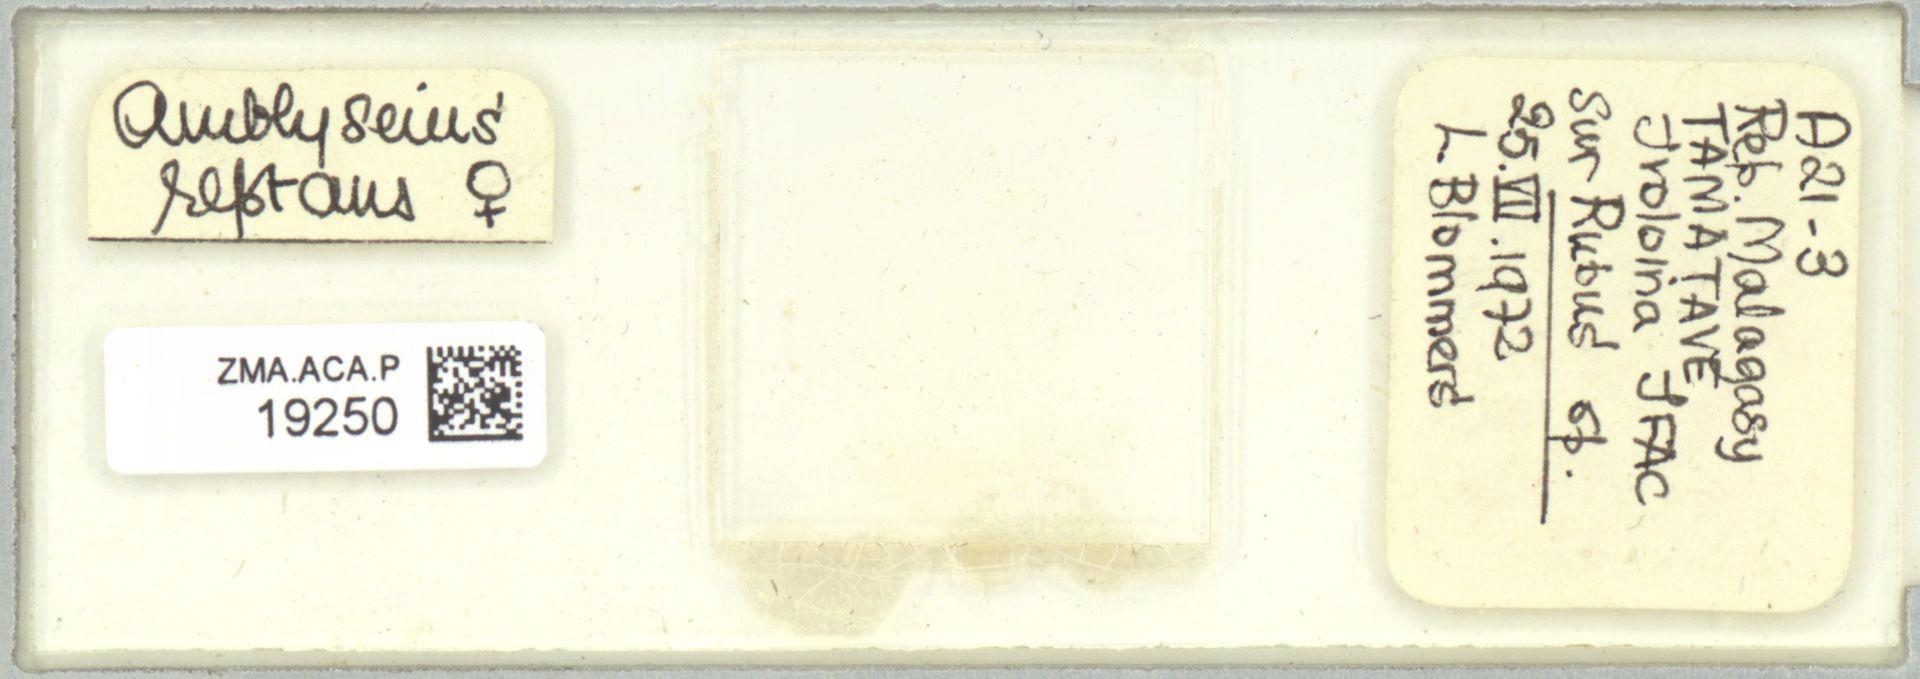 ZMA.ACA.P.19250 | Scapulaseius reptans (Blommers, 1974)